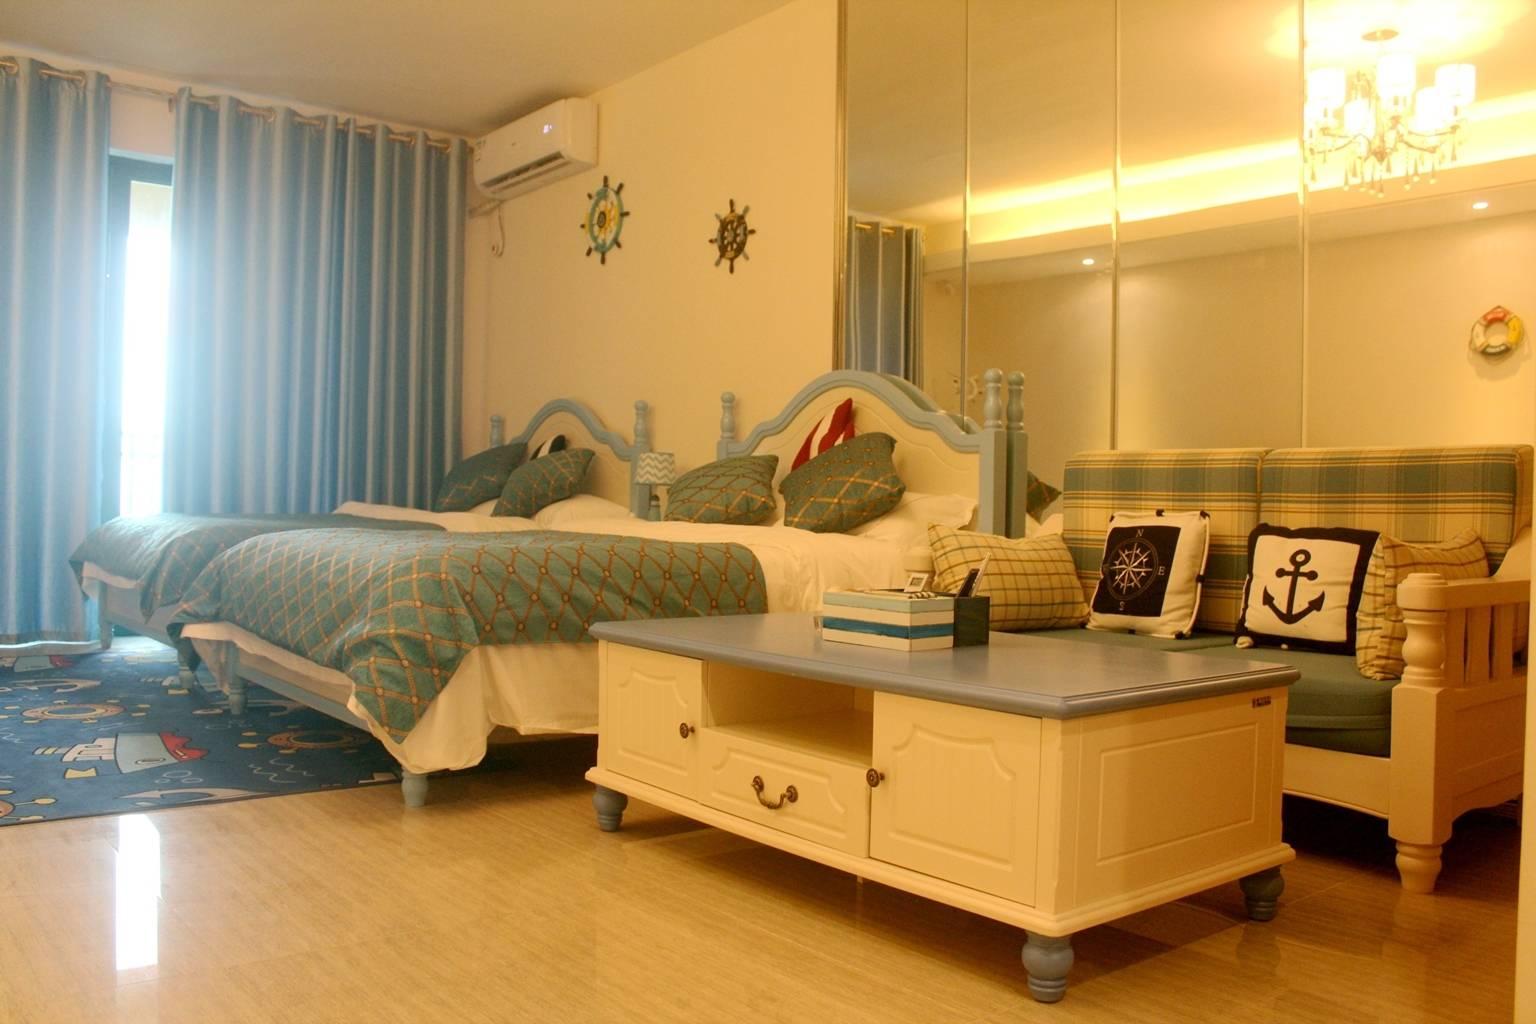 【阳江】包月过冬首选,999元包月入住海陵岛临海豪华双床房!每间可住2大2小,超大阳台!